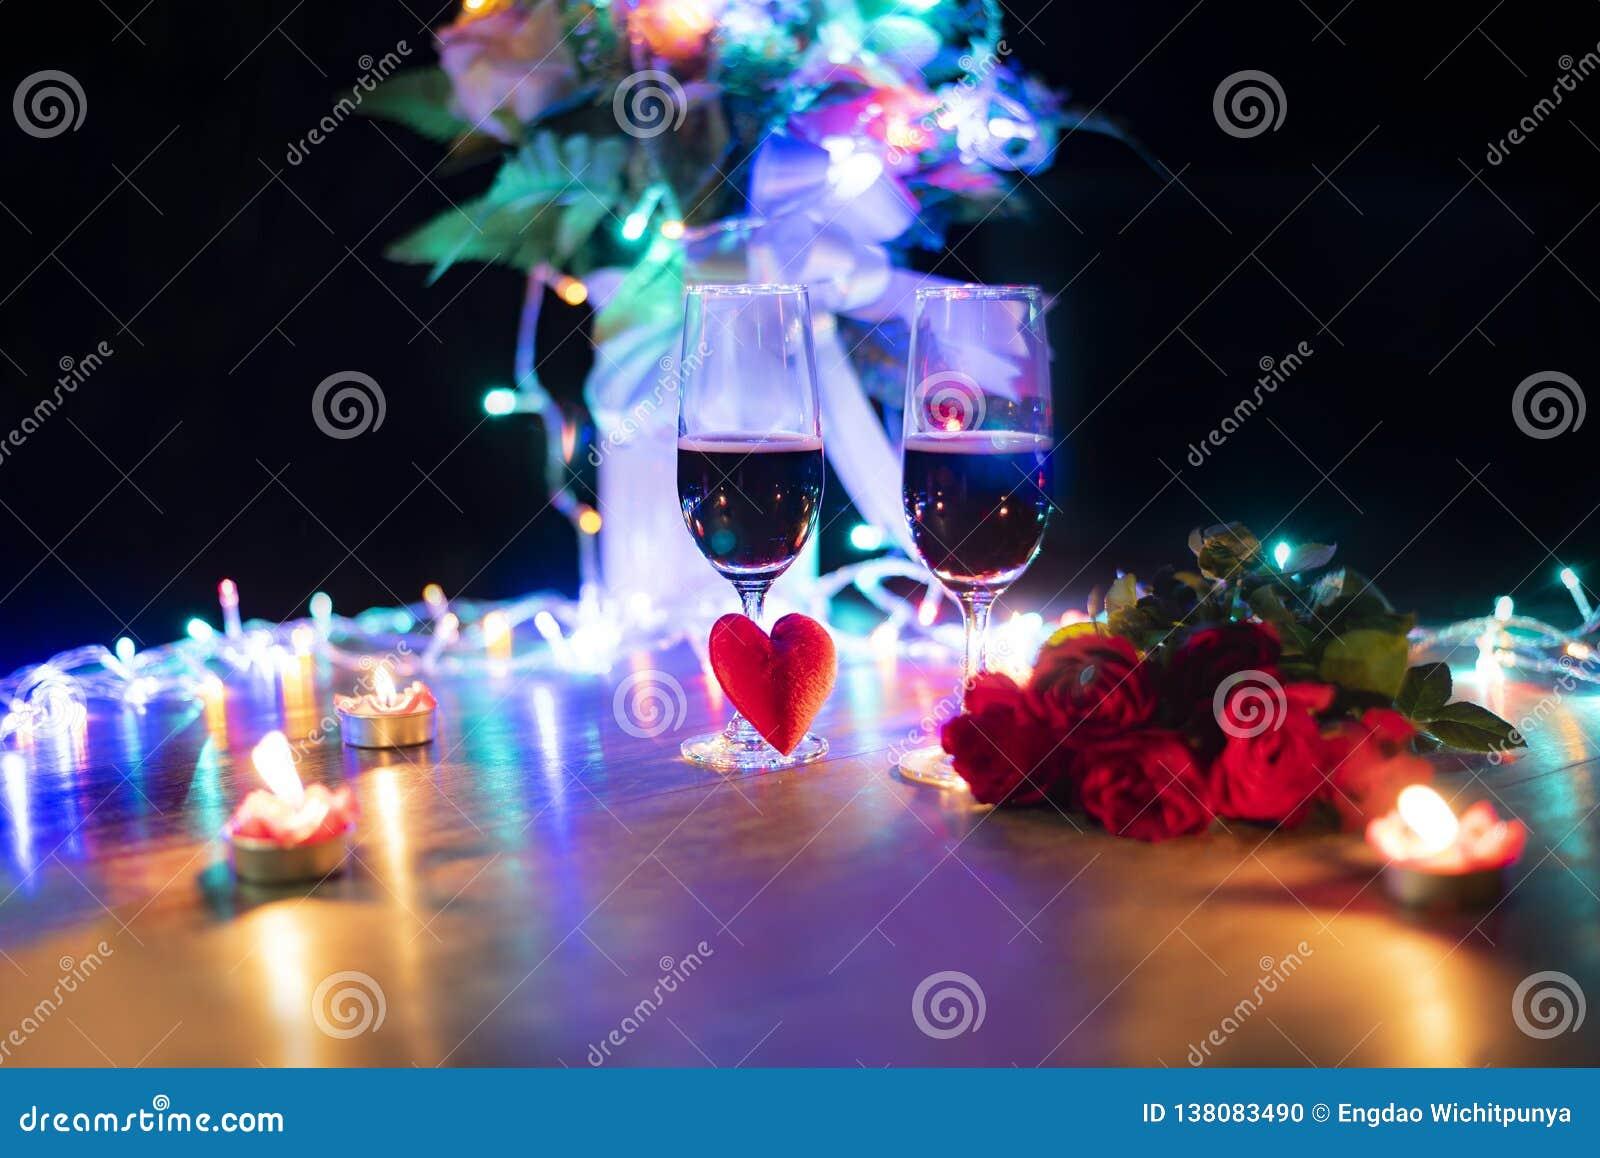 Romantisches Liebeskonzept des Valentinsgrußabendessens/romantisches Gedeck verziert mit rotem Herz- und Paarchampagnerglas